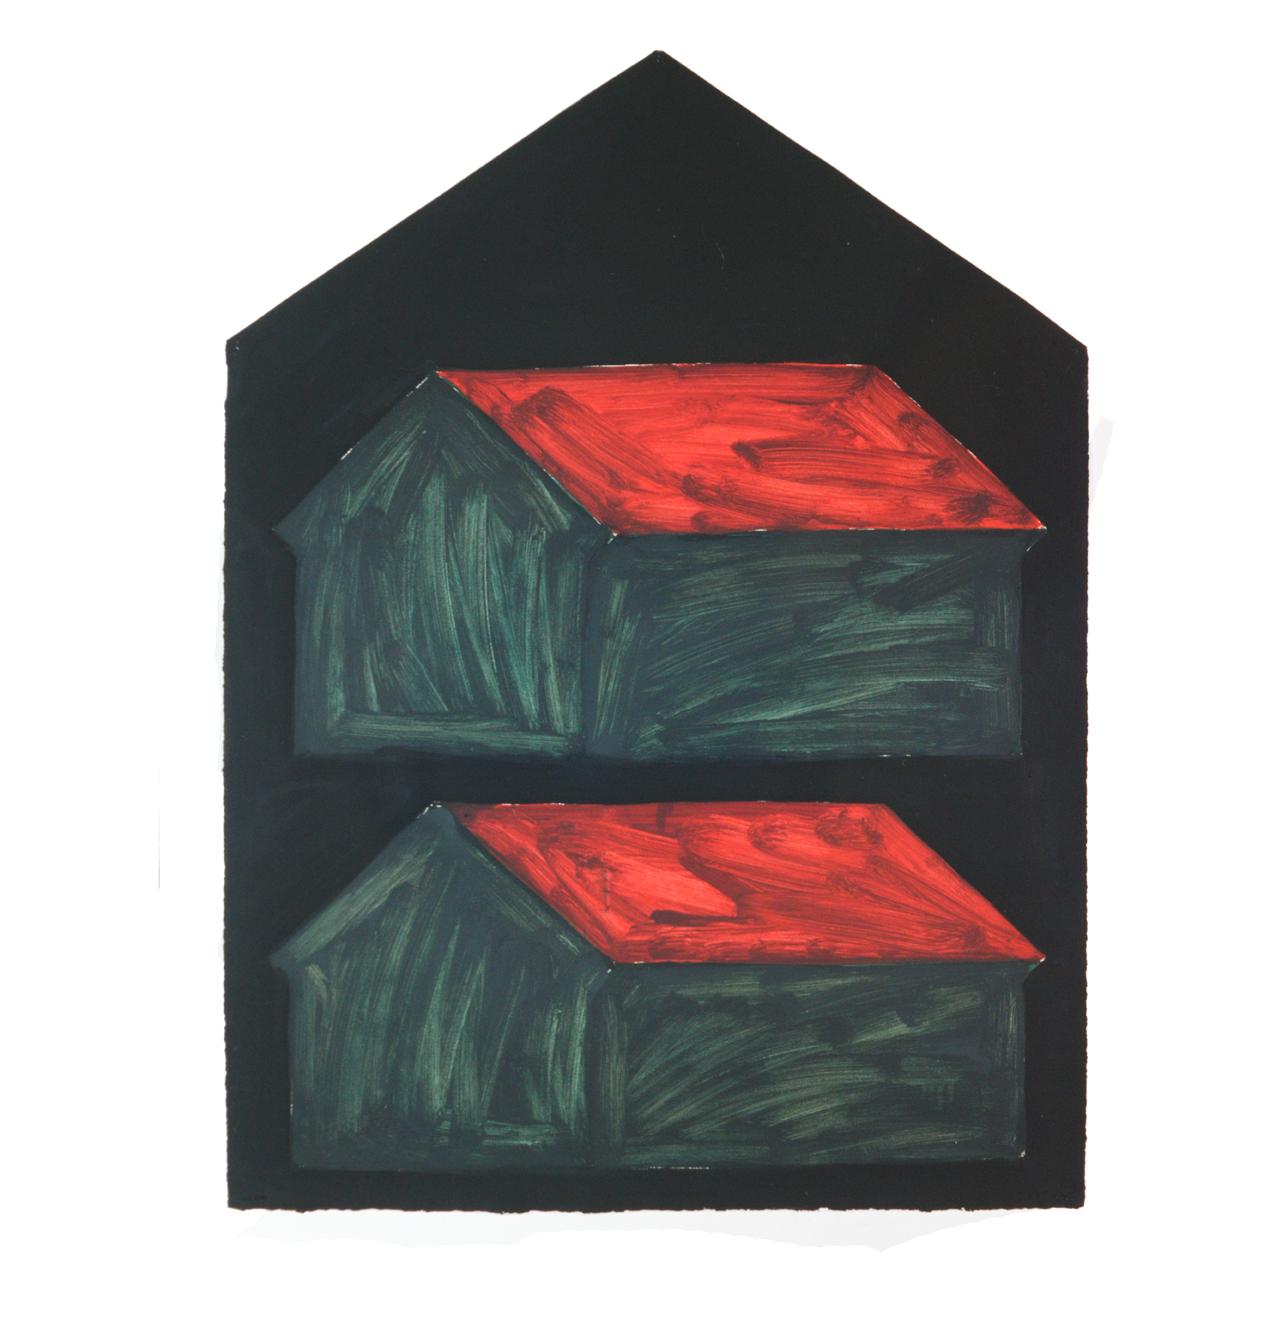 """""""Doppelhaus dunkel"""" 1981, Öl auf Papier, 106 x 79 cm - Foto Hadler/Stuhr"""